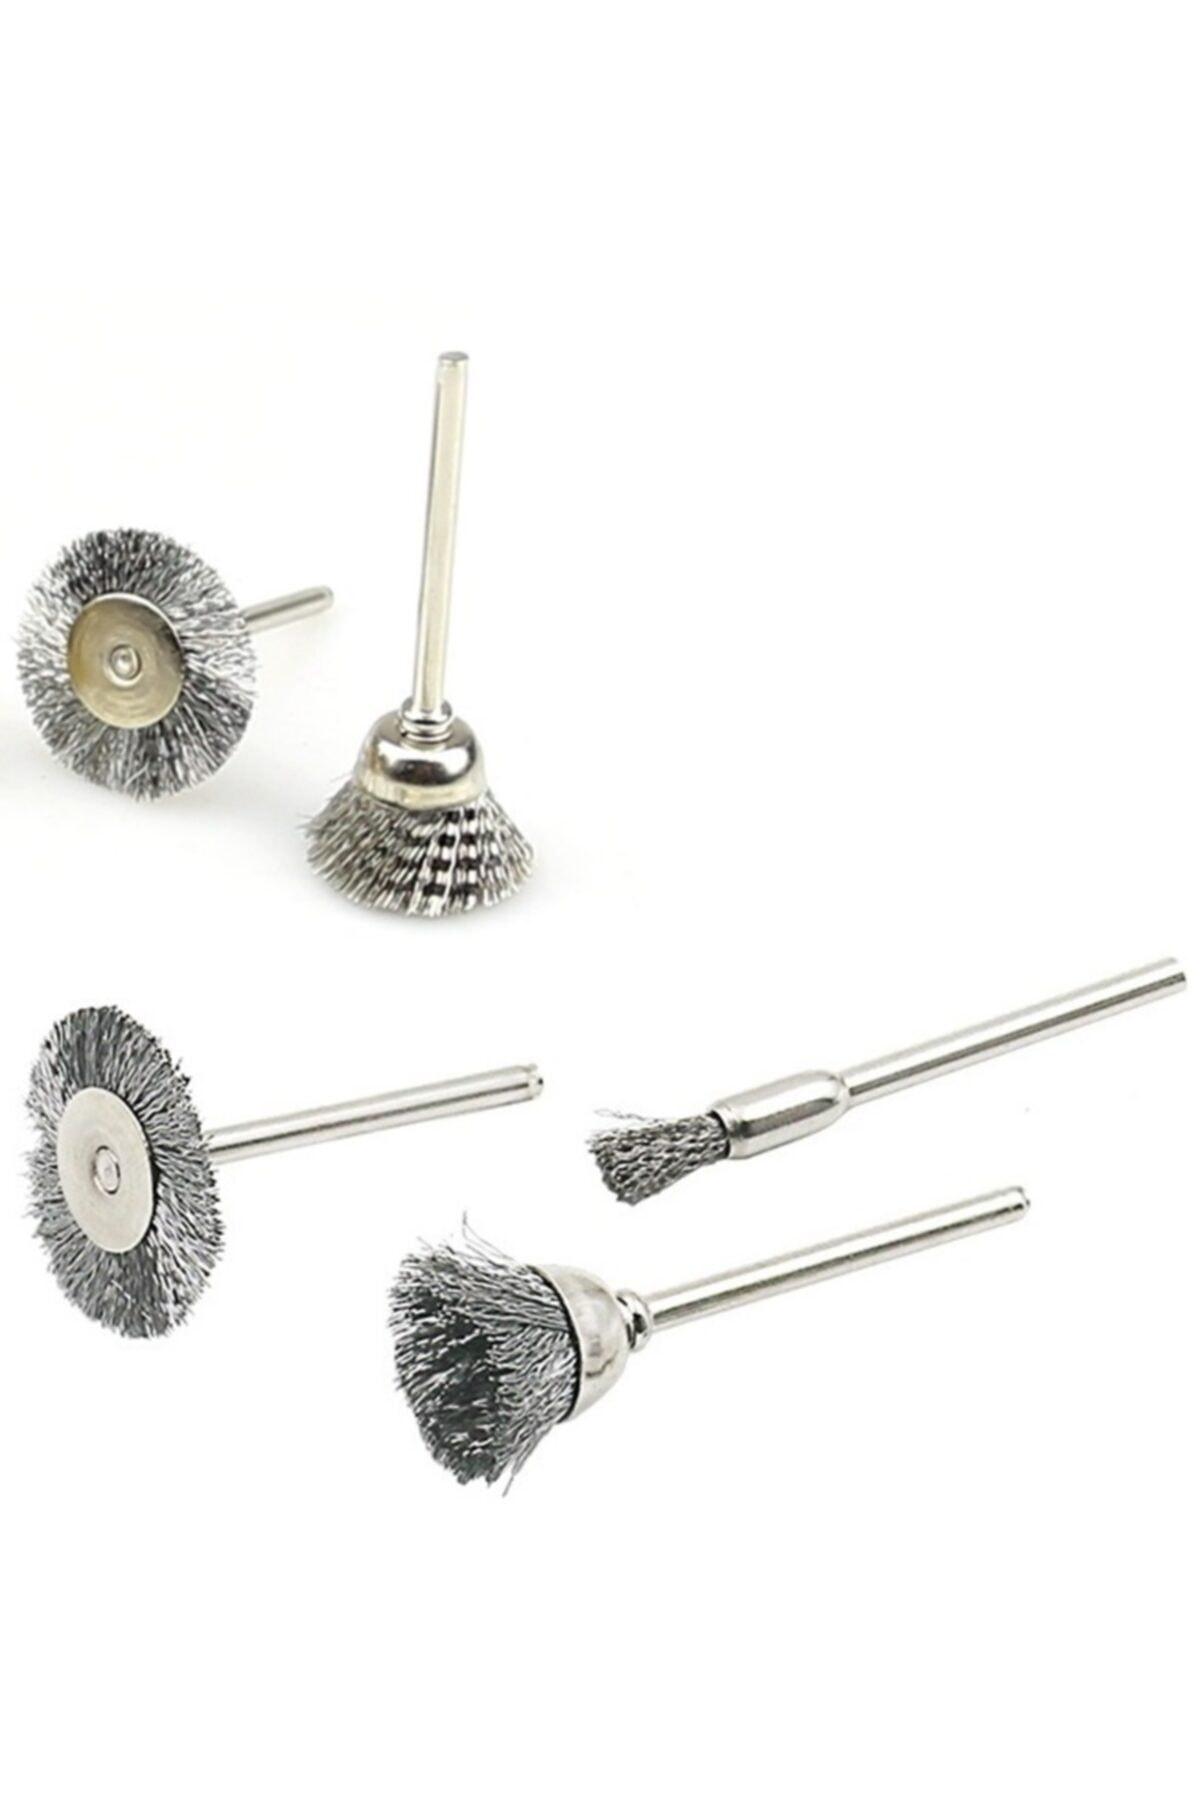 Dremel Proxxon Uyumlu 5 Parça Çelik Tel Fırça Seti Pas Kir Temizleme Zımparalama Kalıpçı Seti